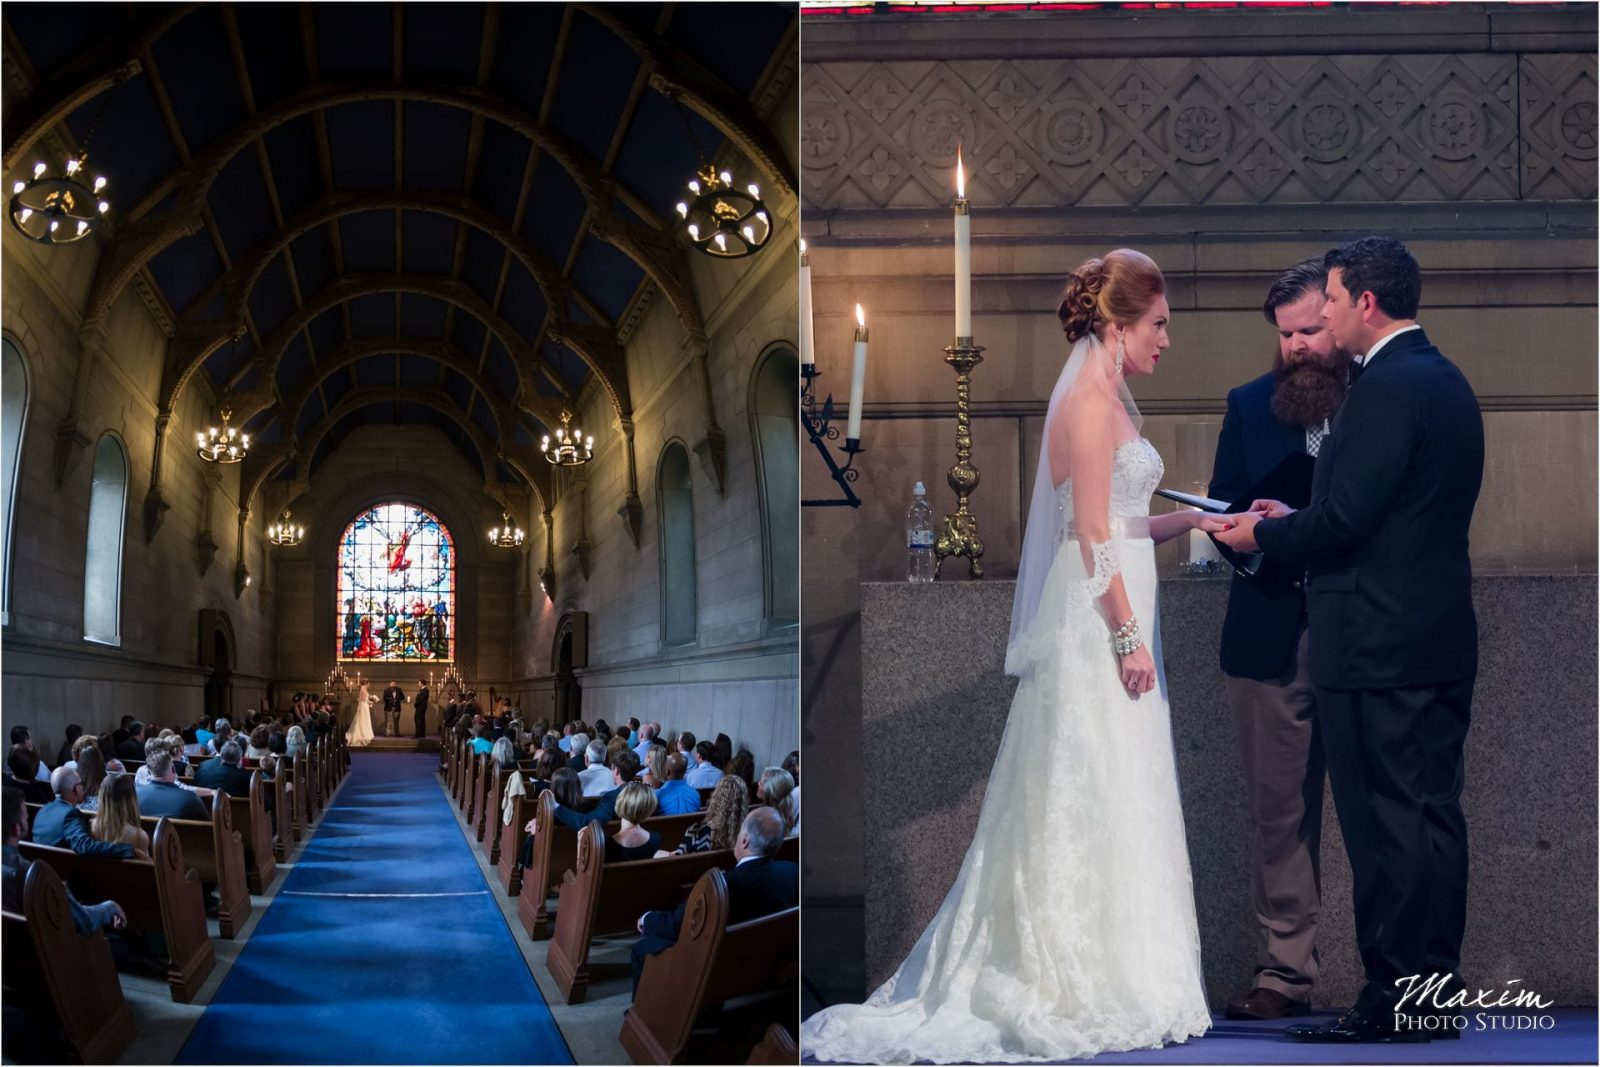 Norman Chapel, Cincinnati Best Wedding Photographer